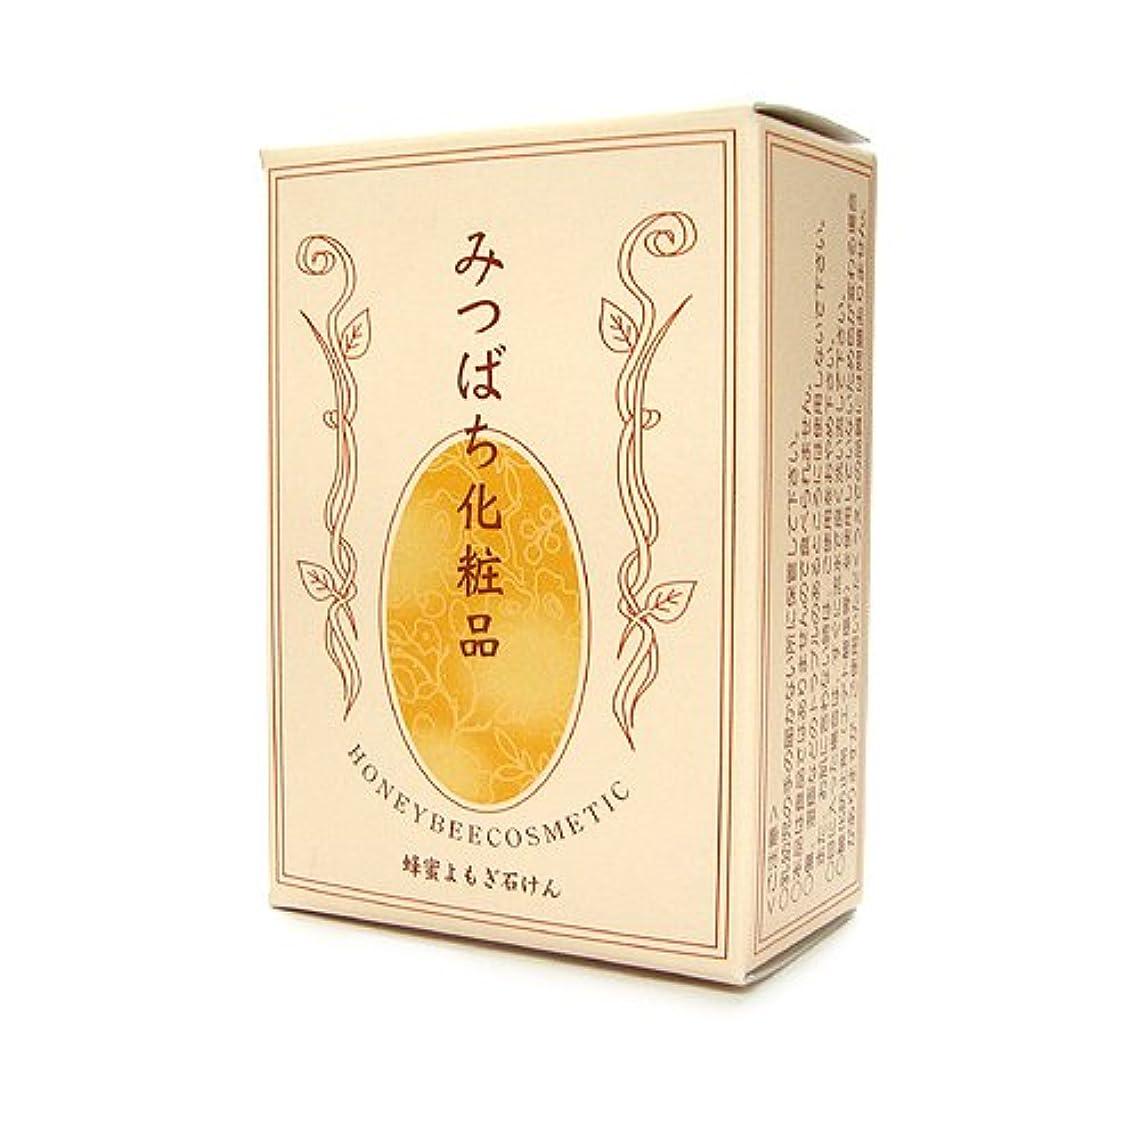 スクランブル薄いすり減る蜂蜜よもぎ石鹸 100g